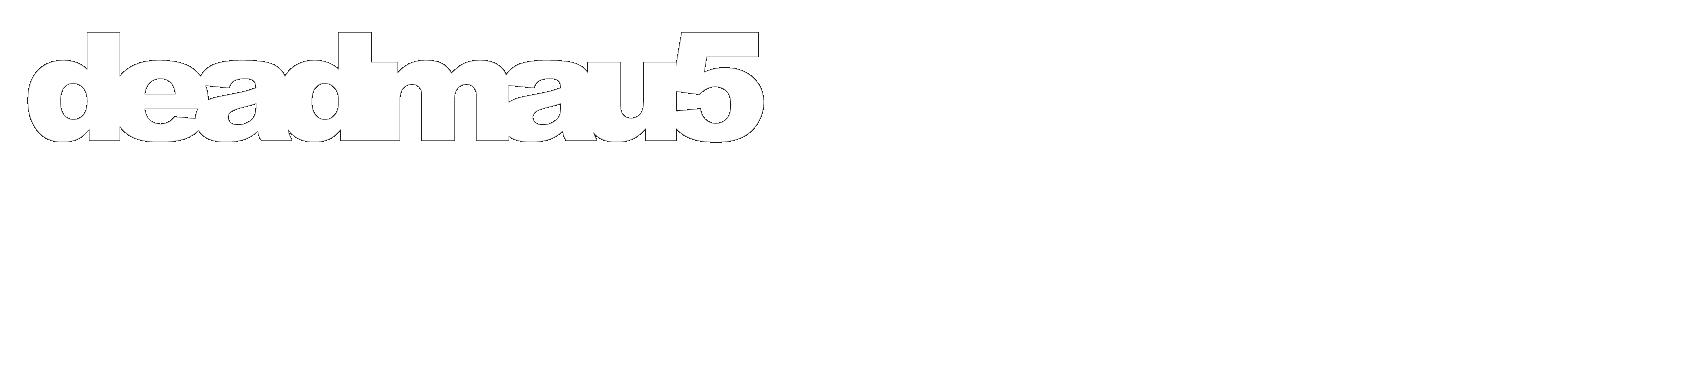 BrographJam2.png